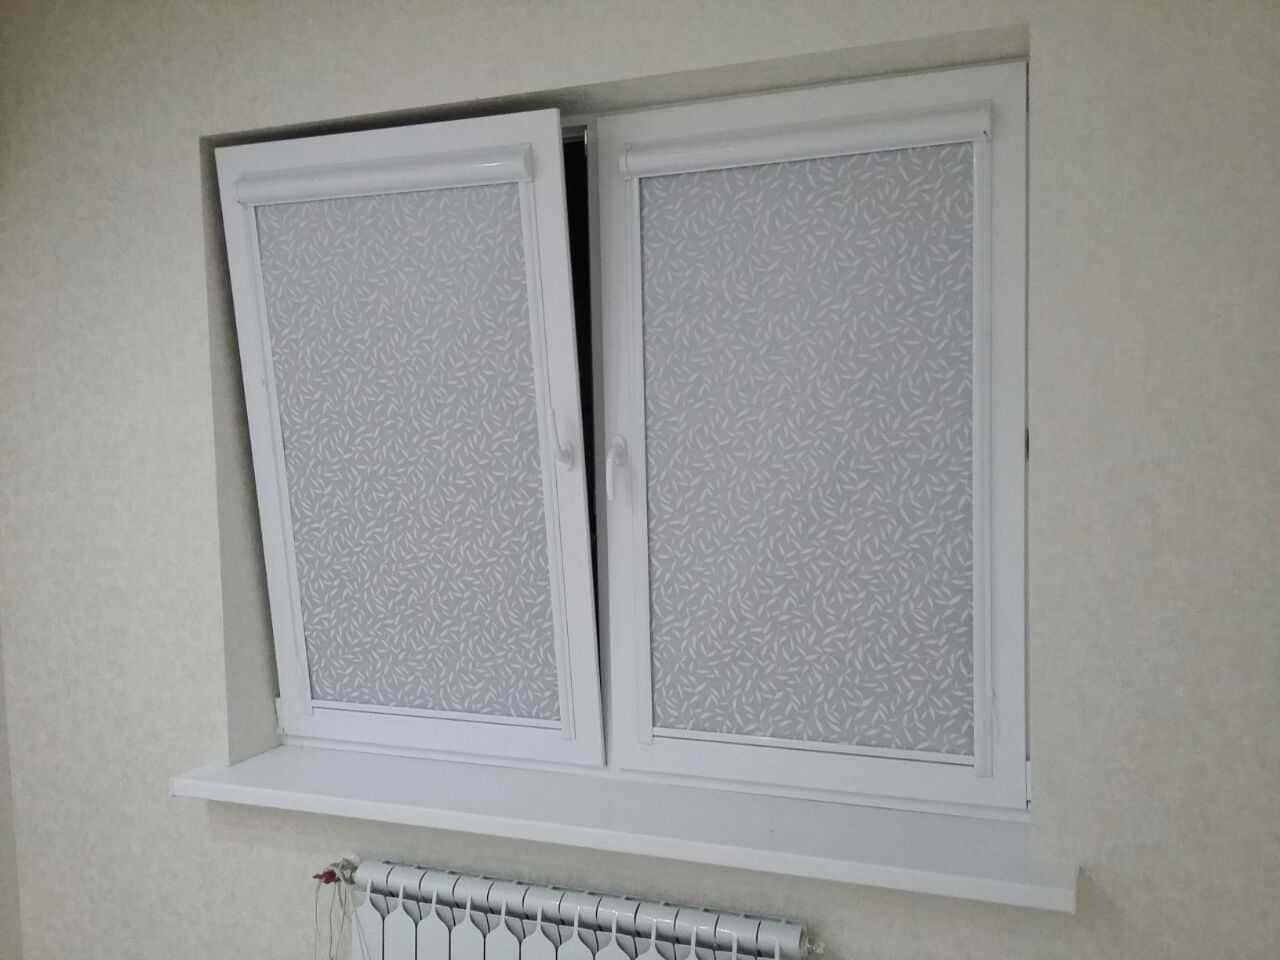 Рулонные шторы - плюсы и минусы установки, выбор материалов 004